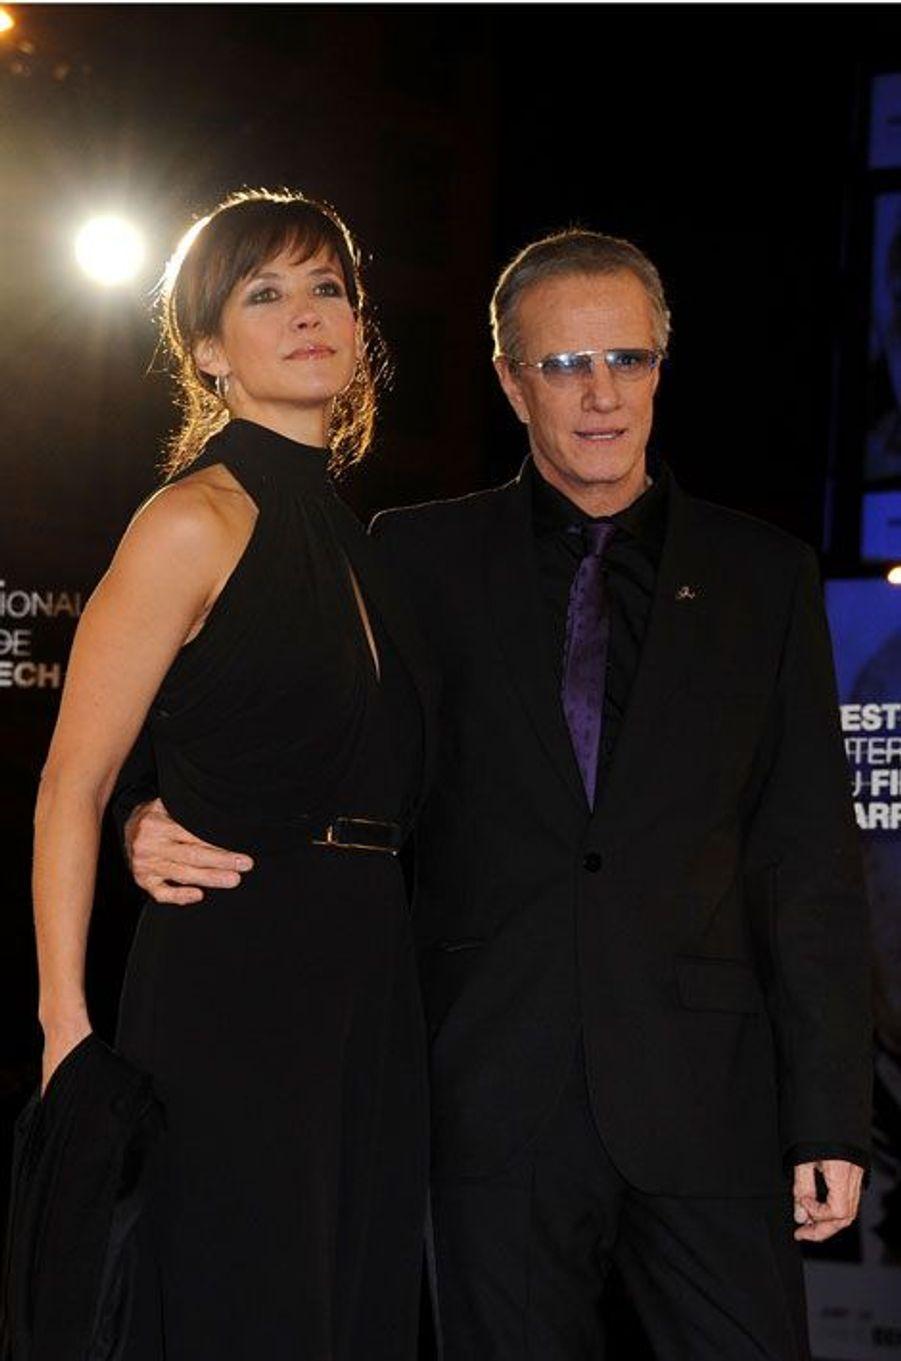 Le 11 juillet, Sophie Marceau et Christophe Lambert ont annoncé, dans un communiqué commun, leur «amicale séparation». Les deux acteurs, qui s'était formé sur le tournage de «La disparue de Deauville», en 2007, ont assuré qu'ils restaient «très bons amis».